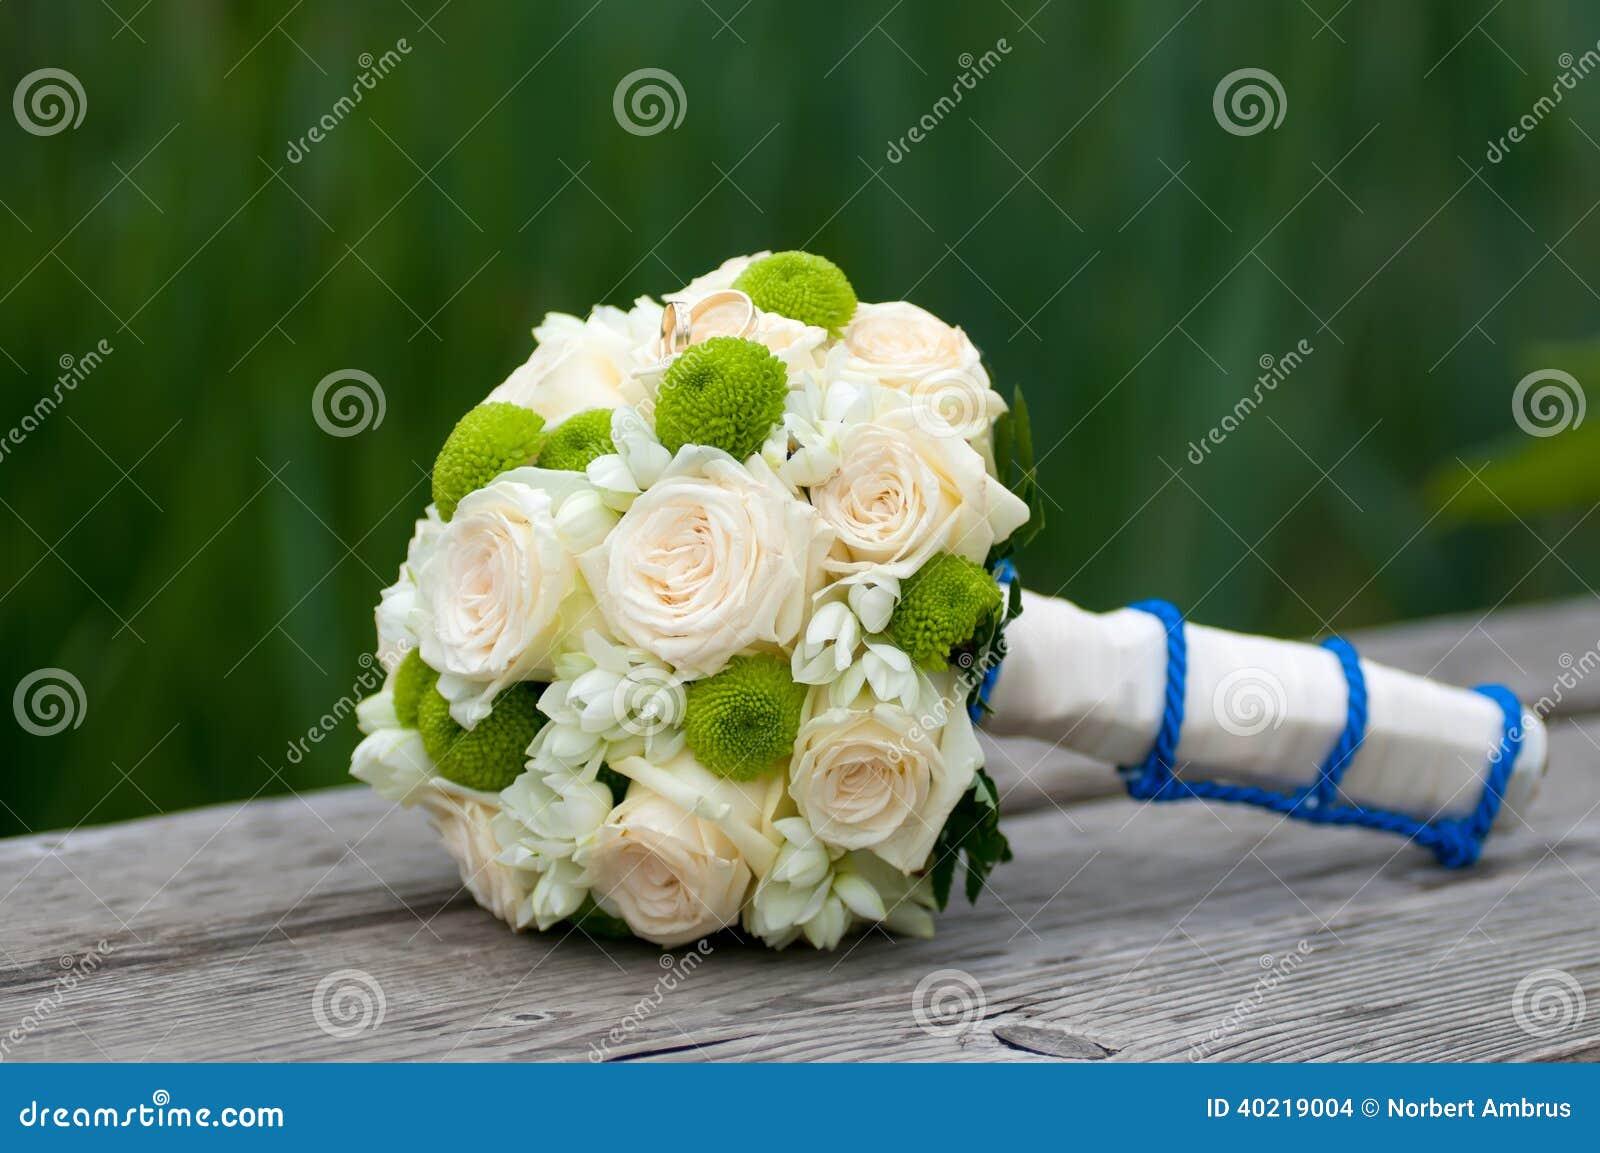 Blumen Stockfoto Bild Von Hochzeit Blumen Zusammen 40219004